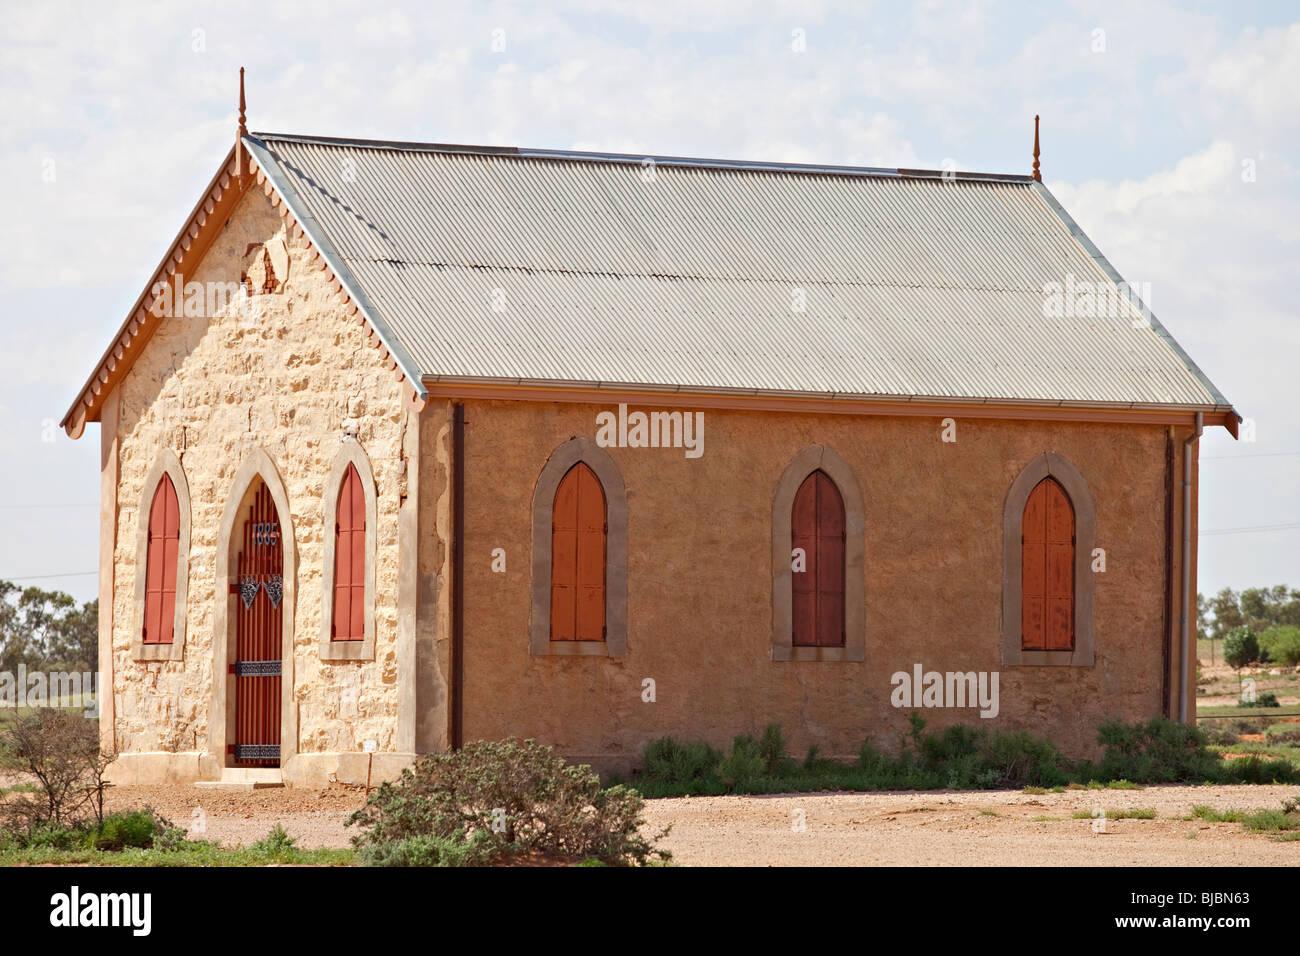 L'église méthodiste, Silverton près de Broken Hill, NSW Australie Outback Banque D'Images